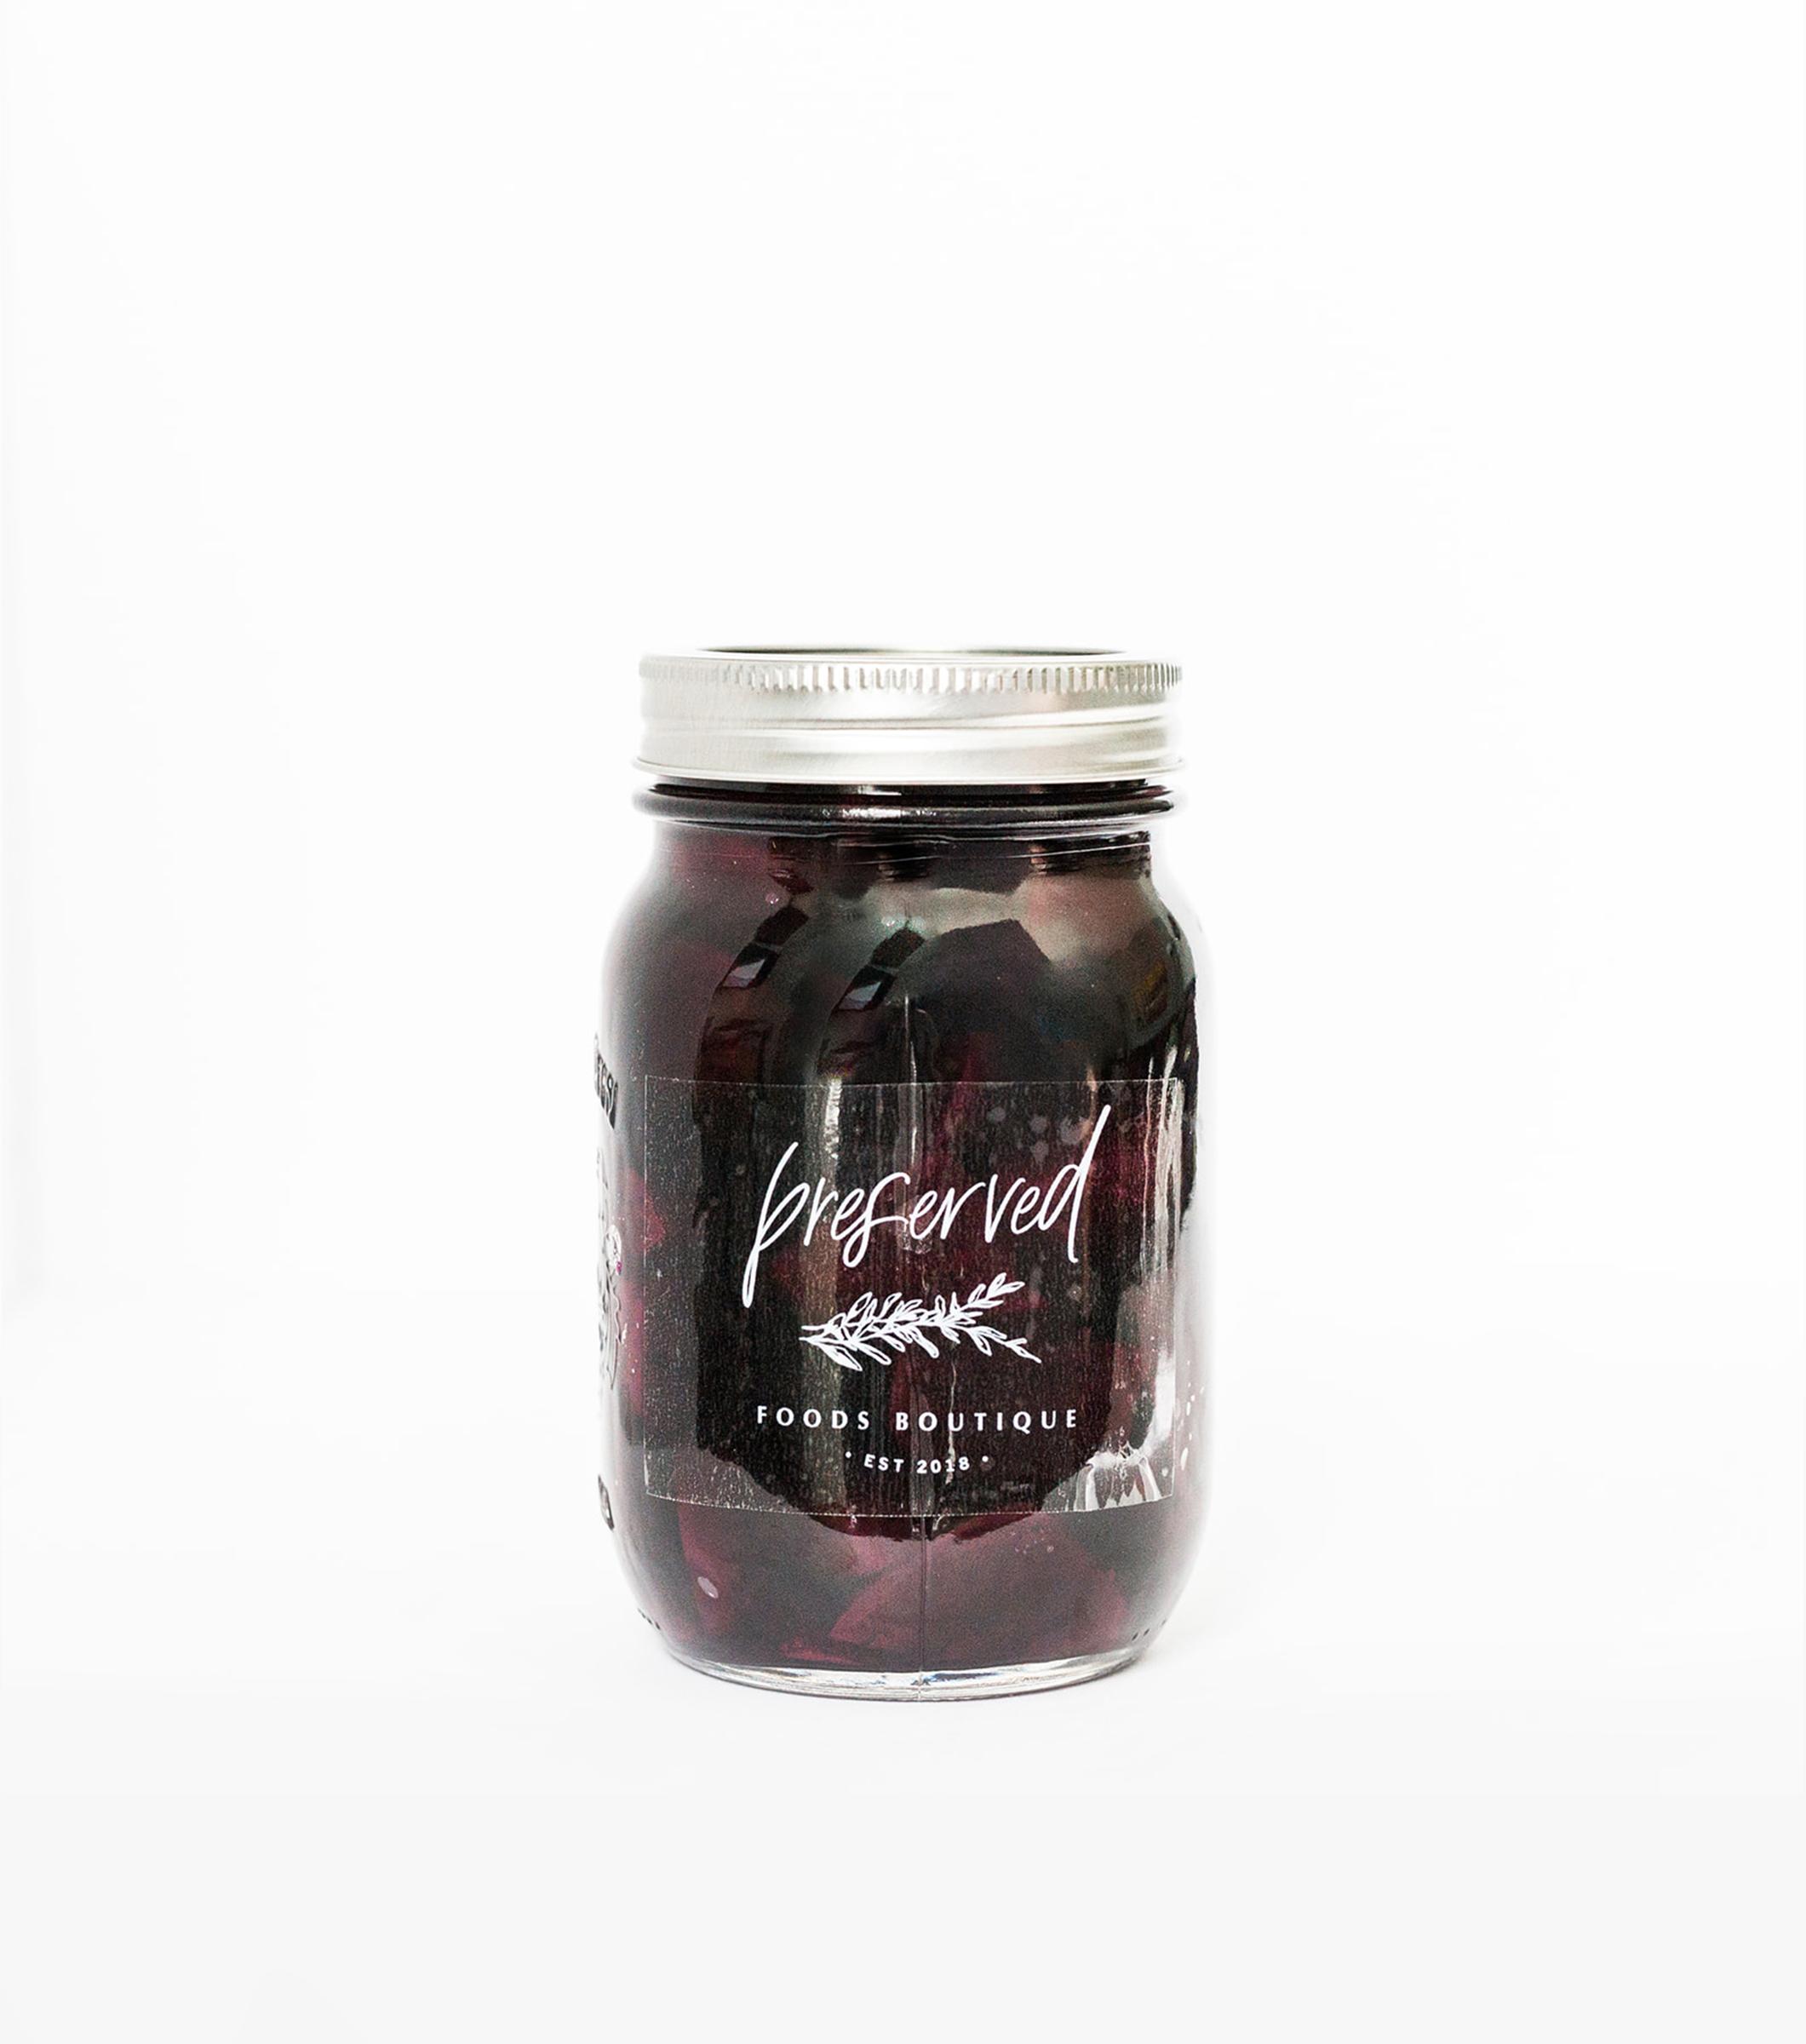 Preserved Foods Boutique - Logo Design and Packaging Design - Bexley Design Co